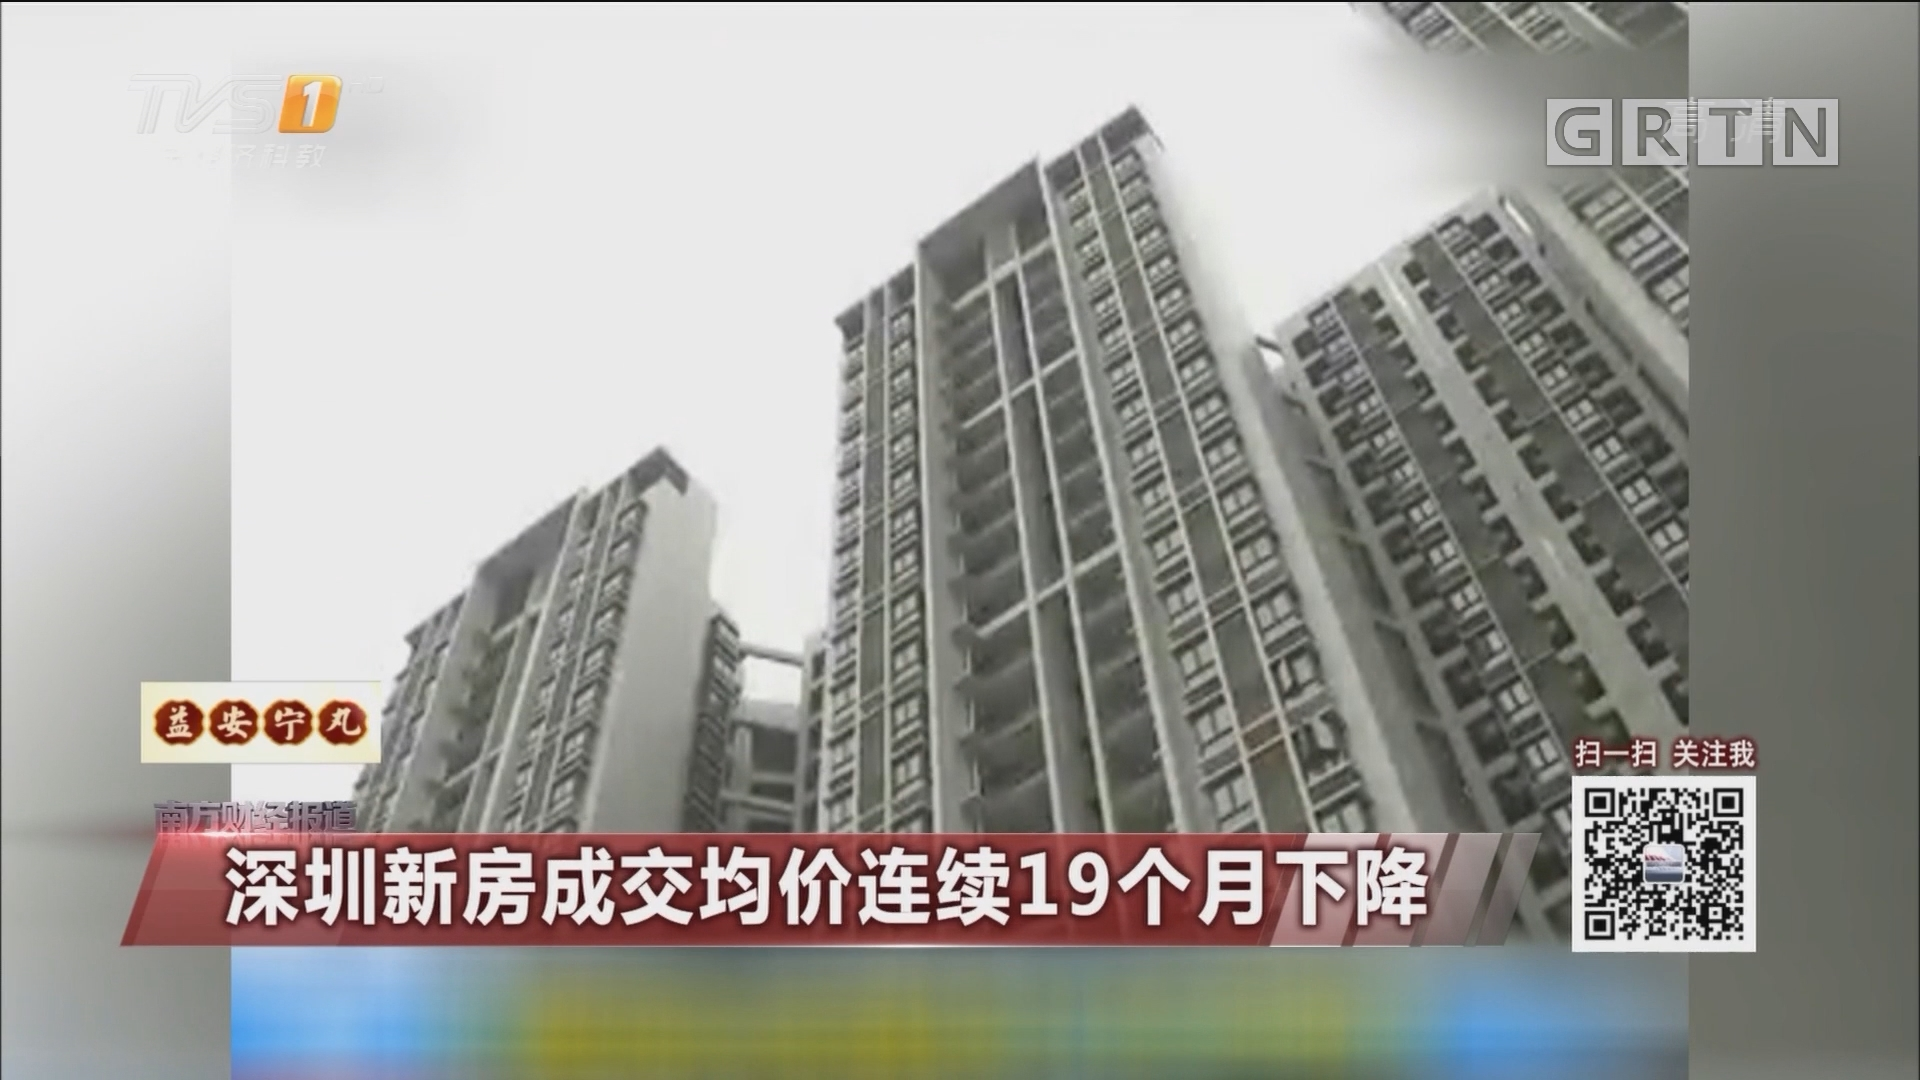 深圳新房成交均价连续19个月下降